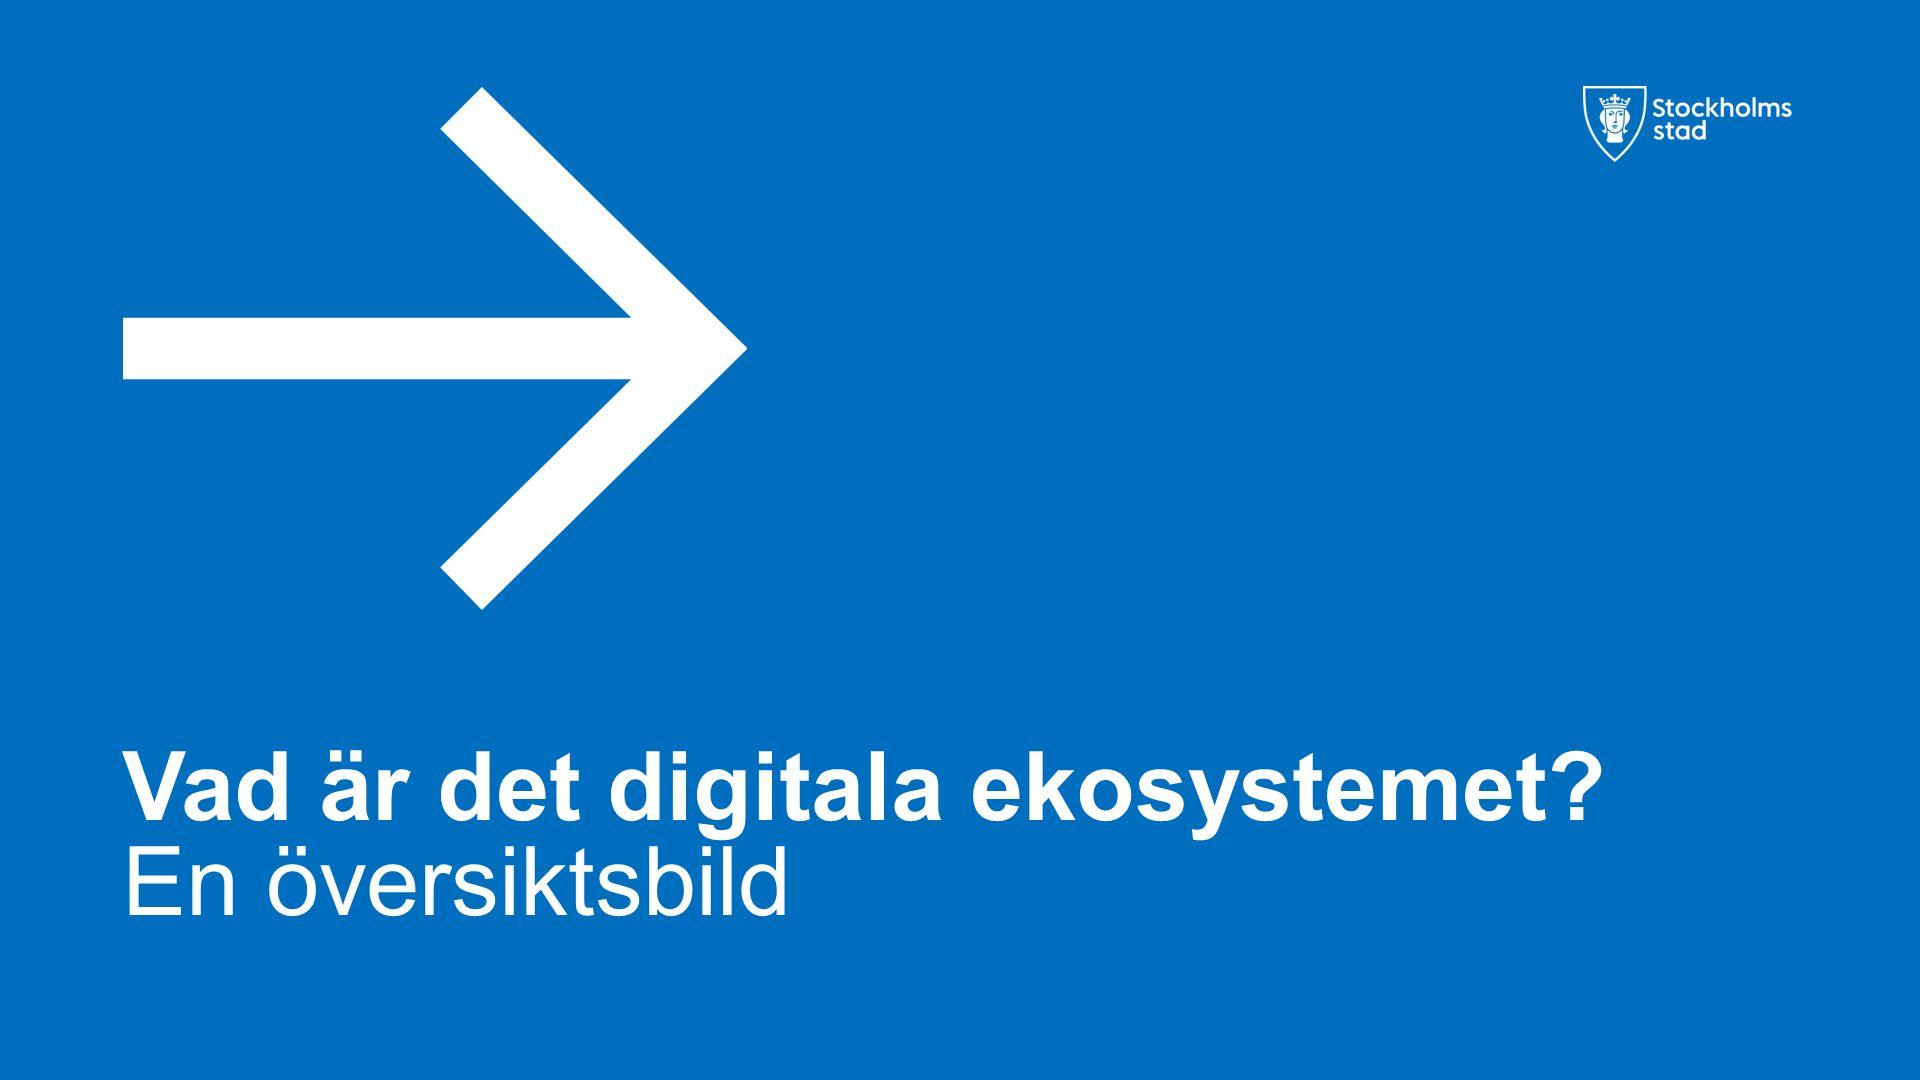 Vad är det digitala ekosystemet